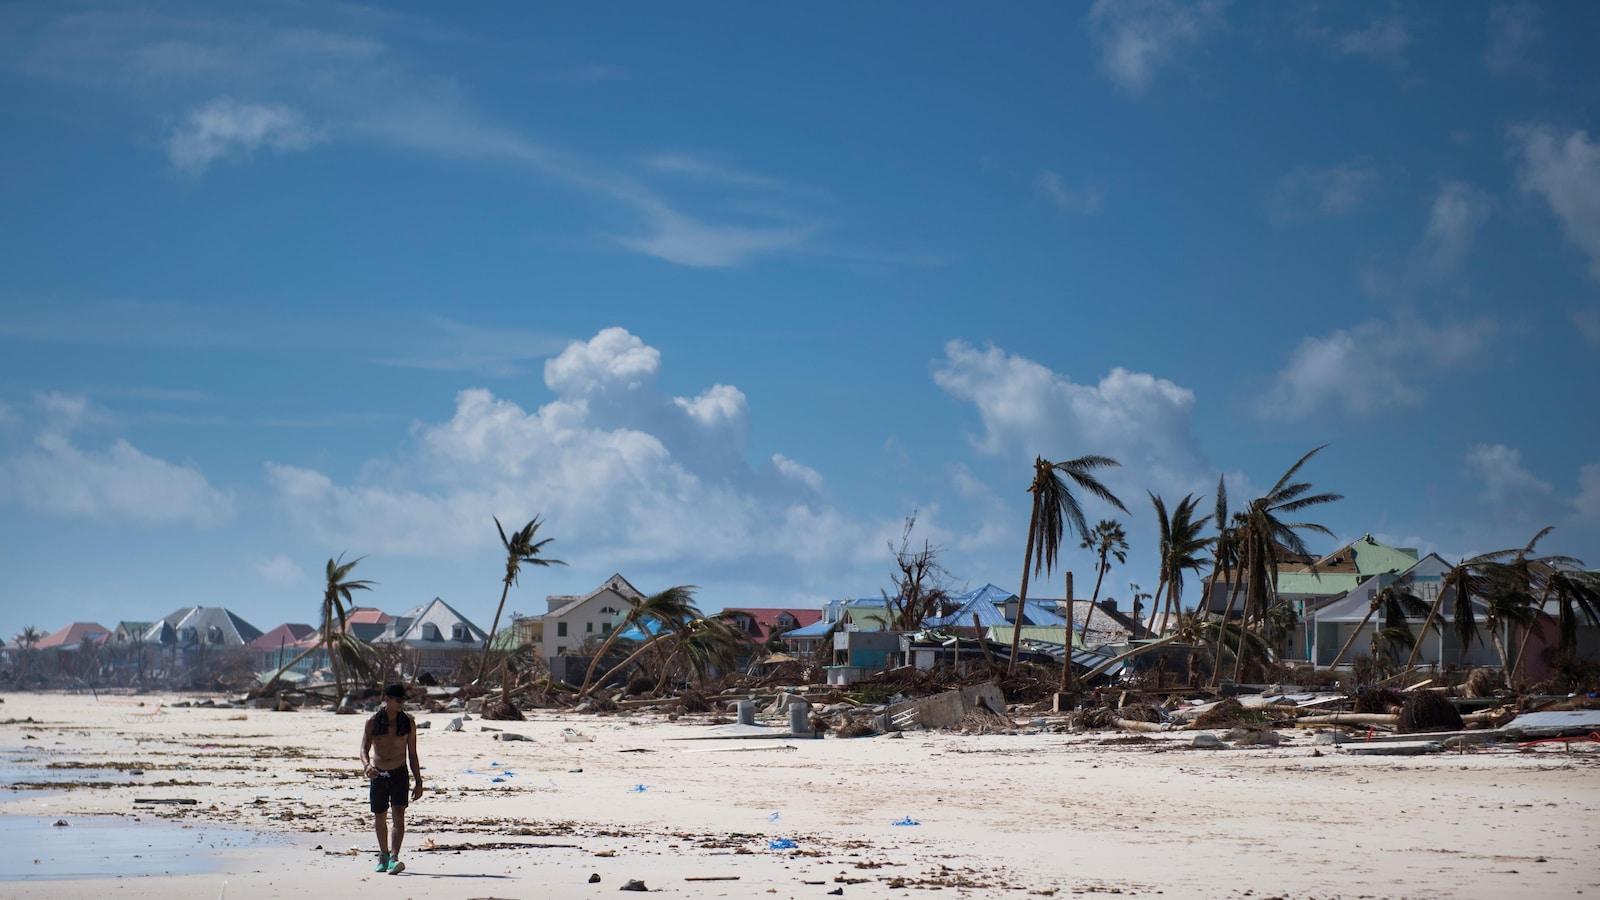 Un homme marche sur la plage lors d'une journée ensoleillée. Autour de lui, les palmiers sont presque déracinés et les habitations sont très endommagées.